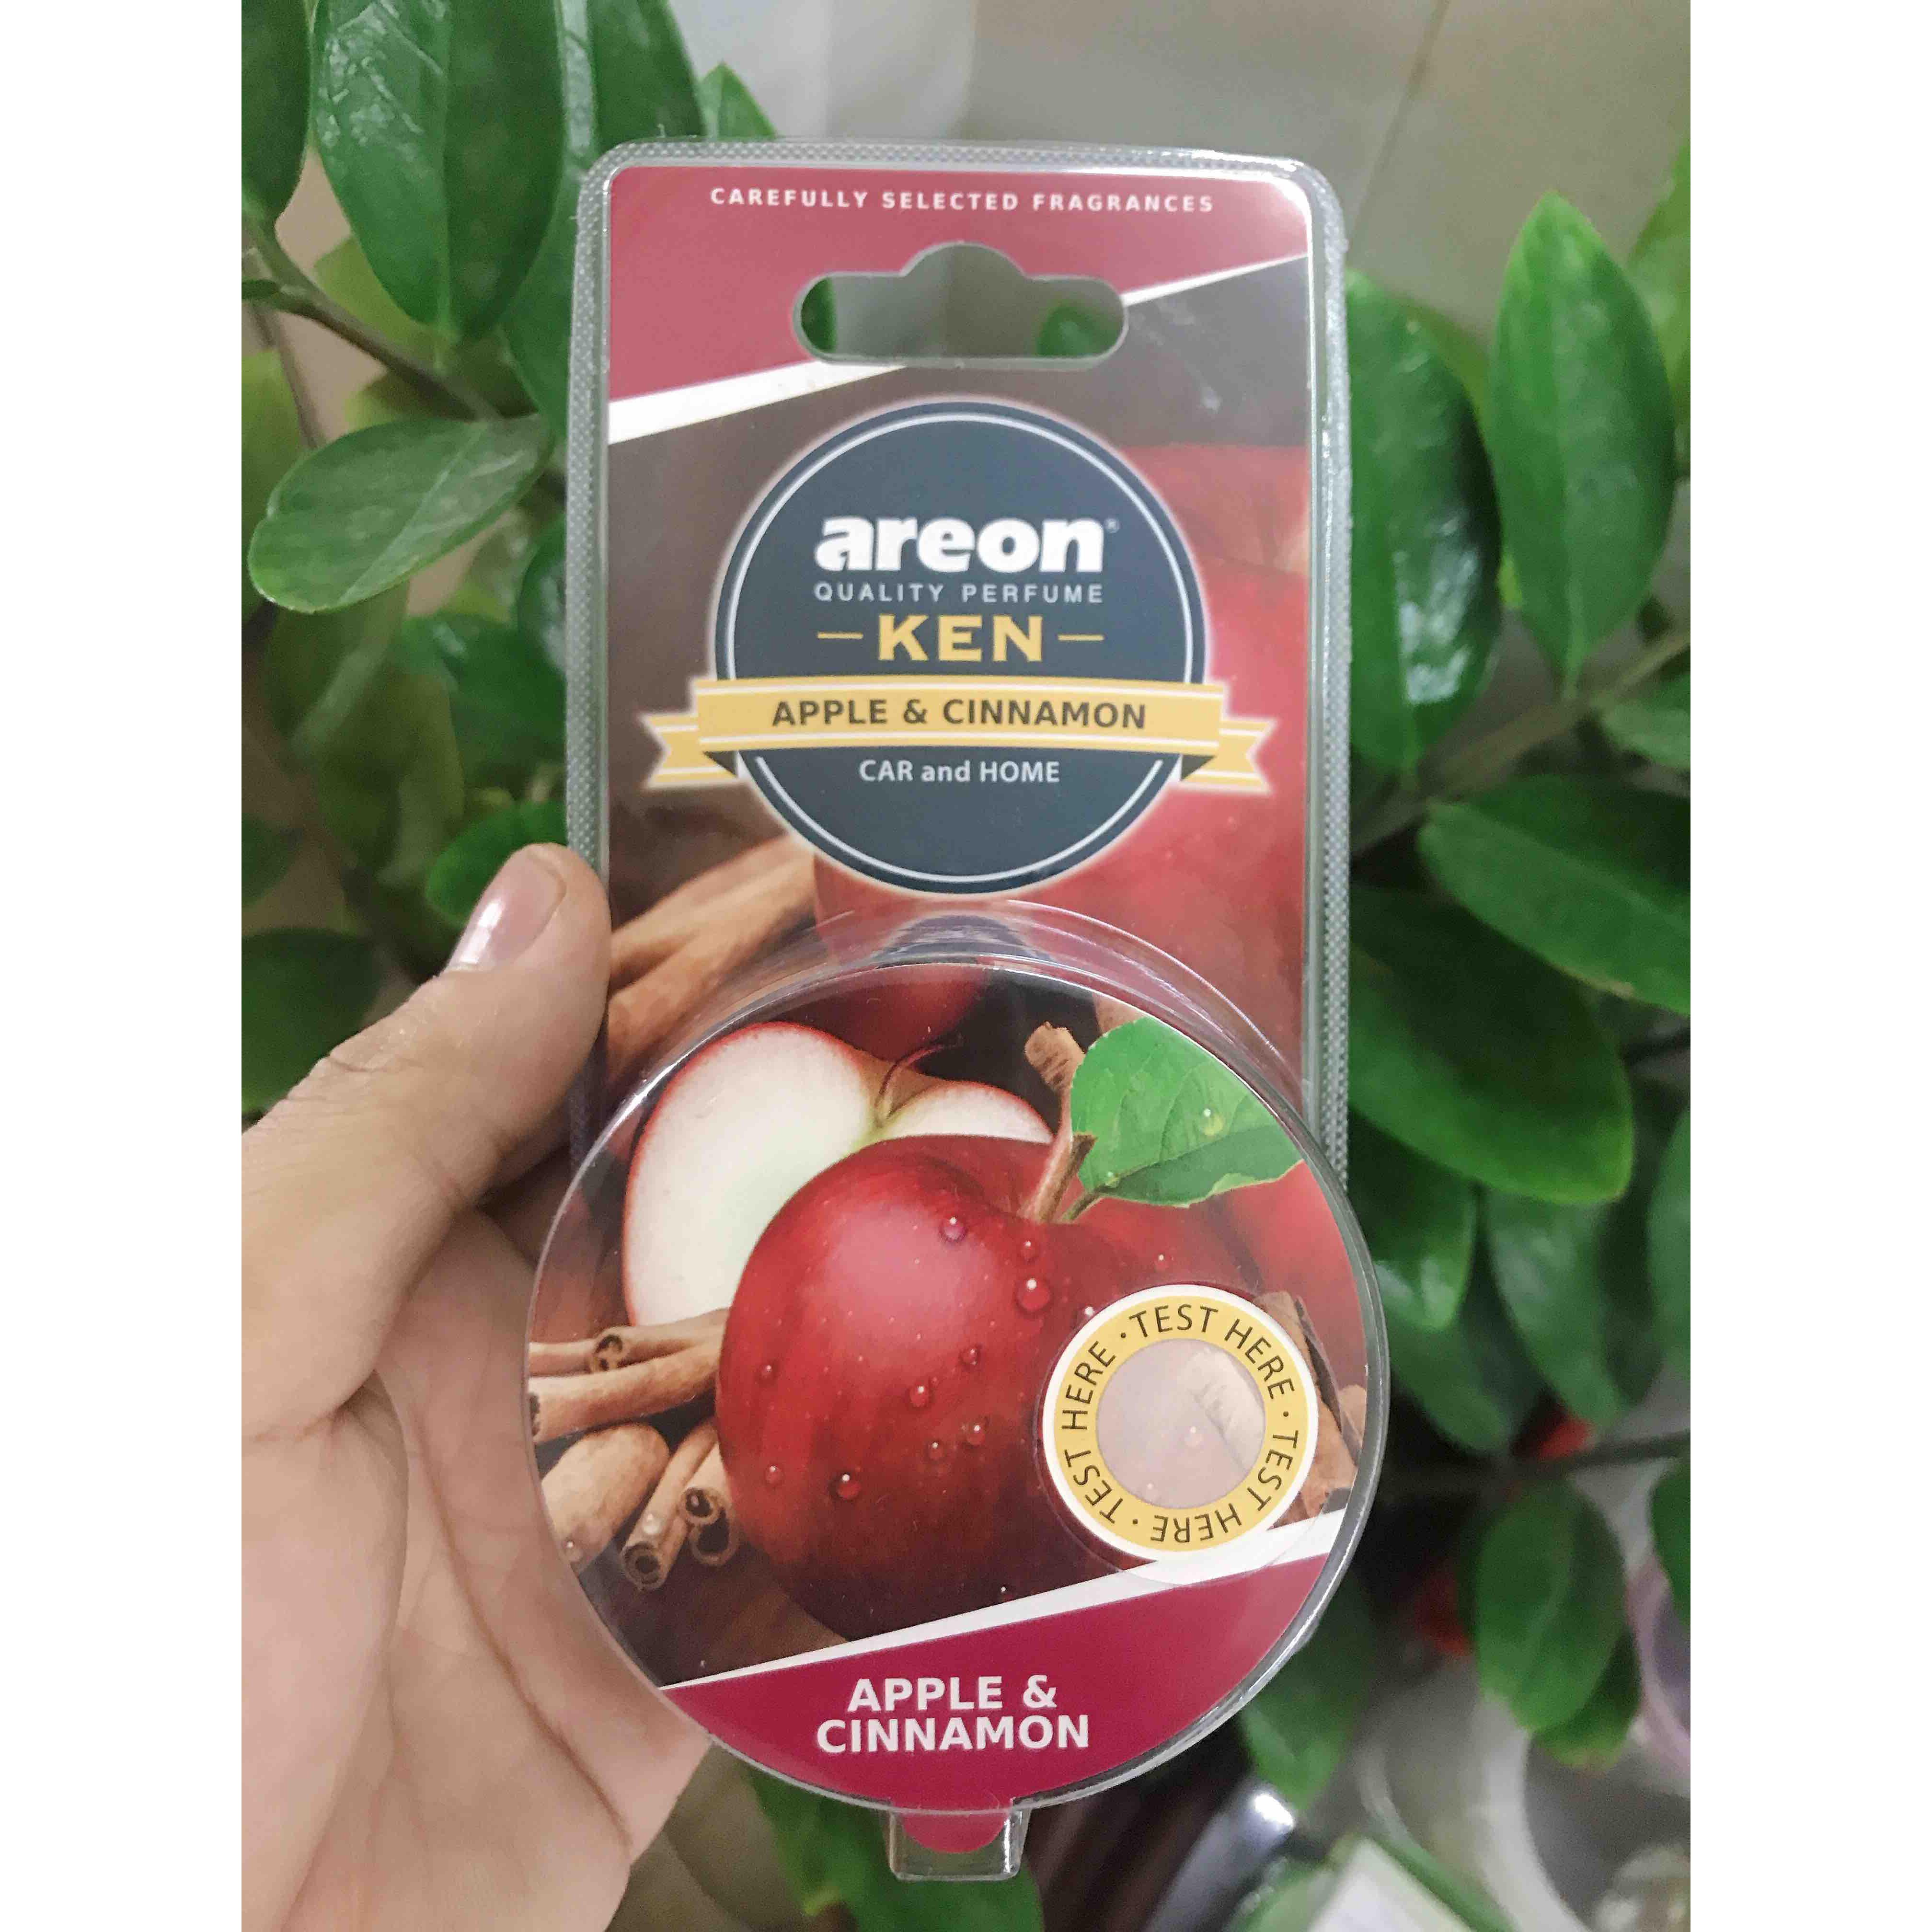 Sáp thơm Areon hương Táo & Quế – Thanh mát, Dịu nhẹ - Bậc thầy Say xe - Areon Ken Apple & Cinnamon (Dịu nhẹ)